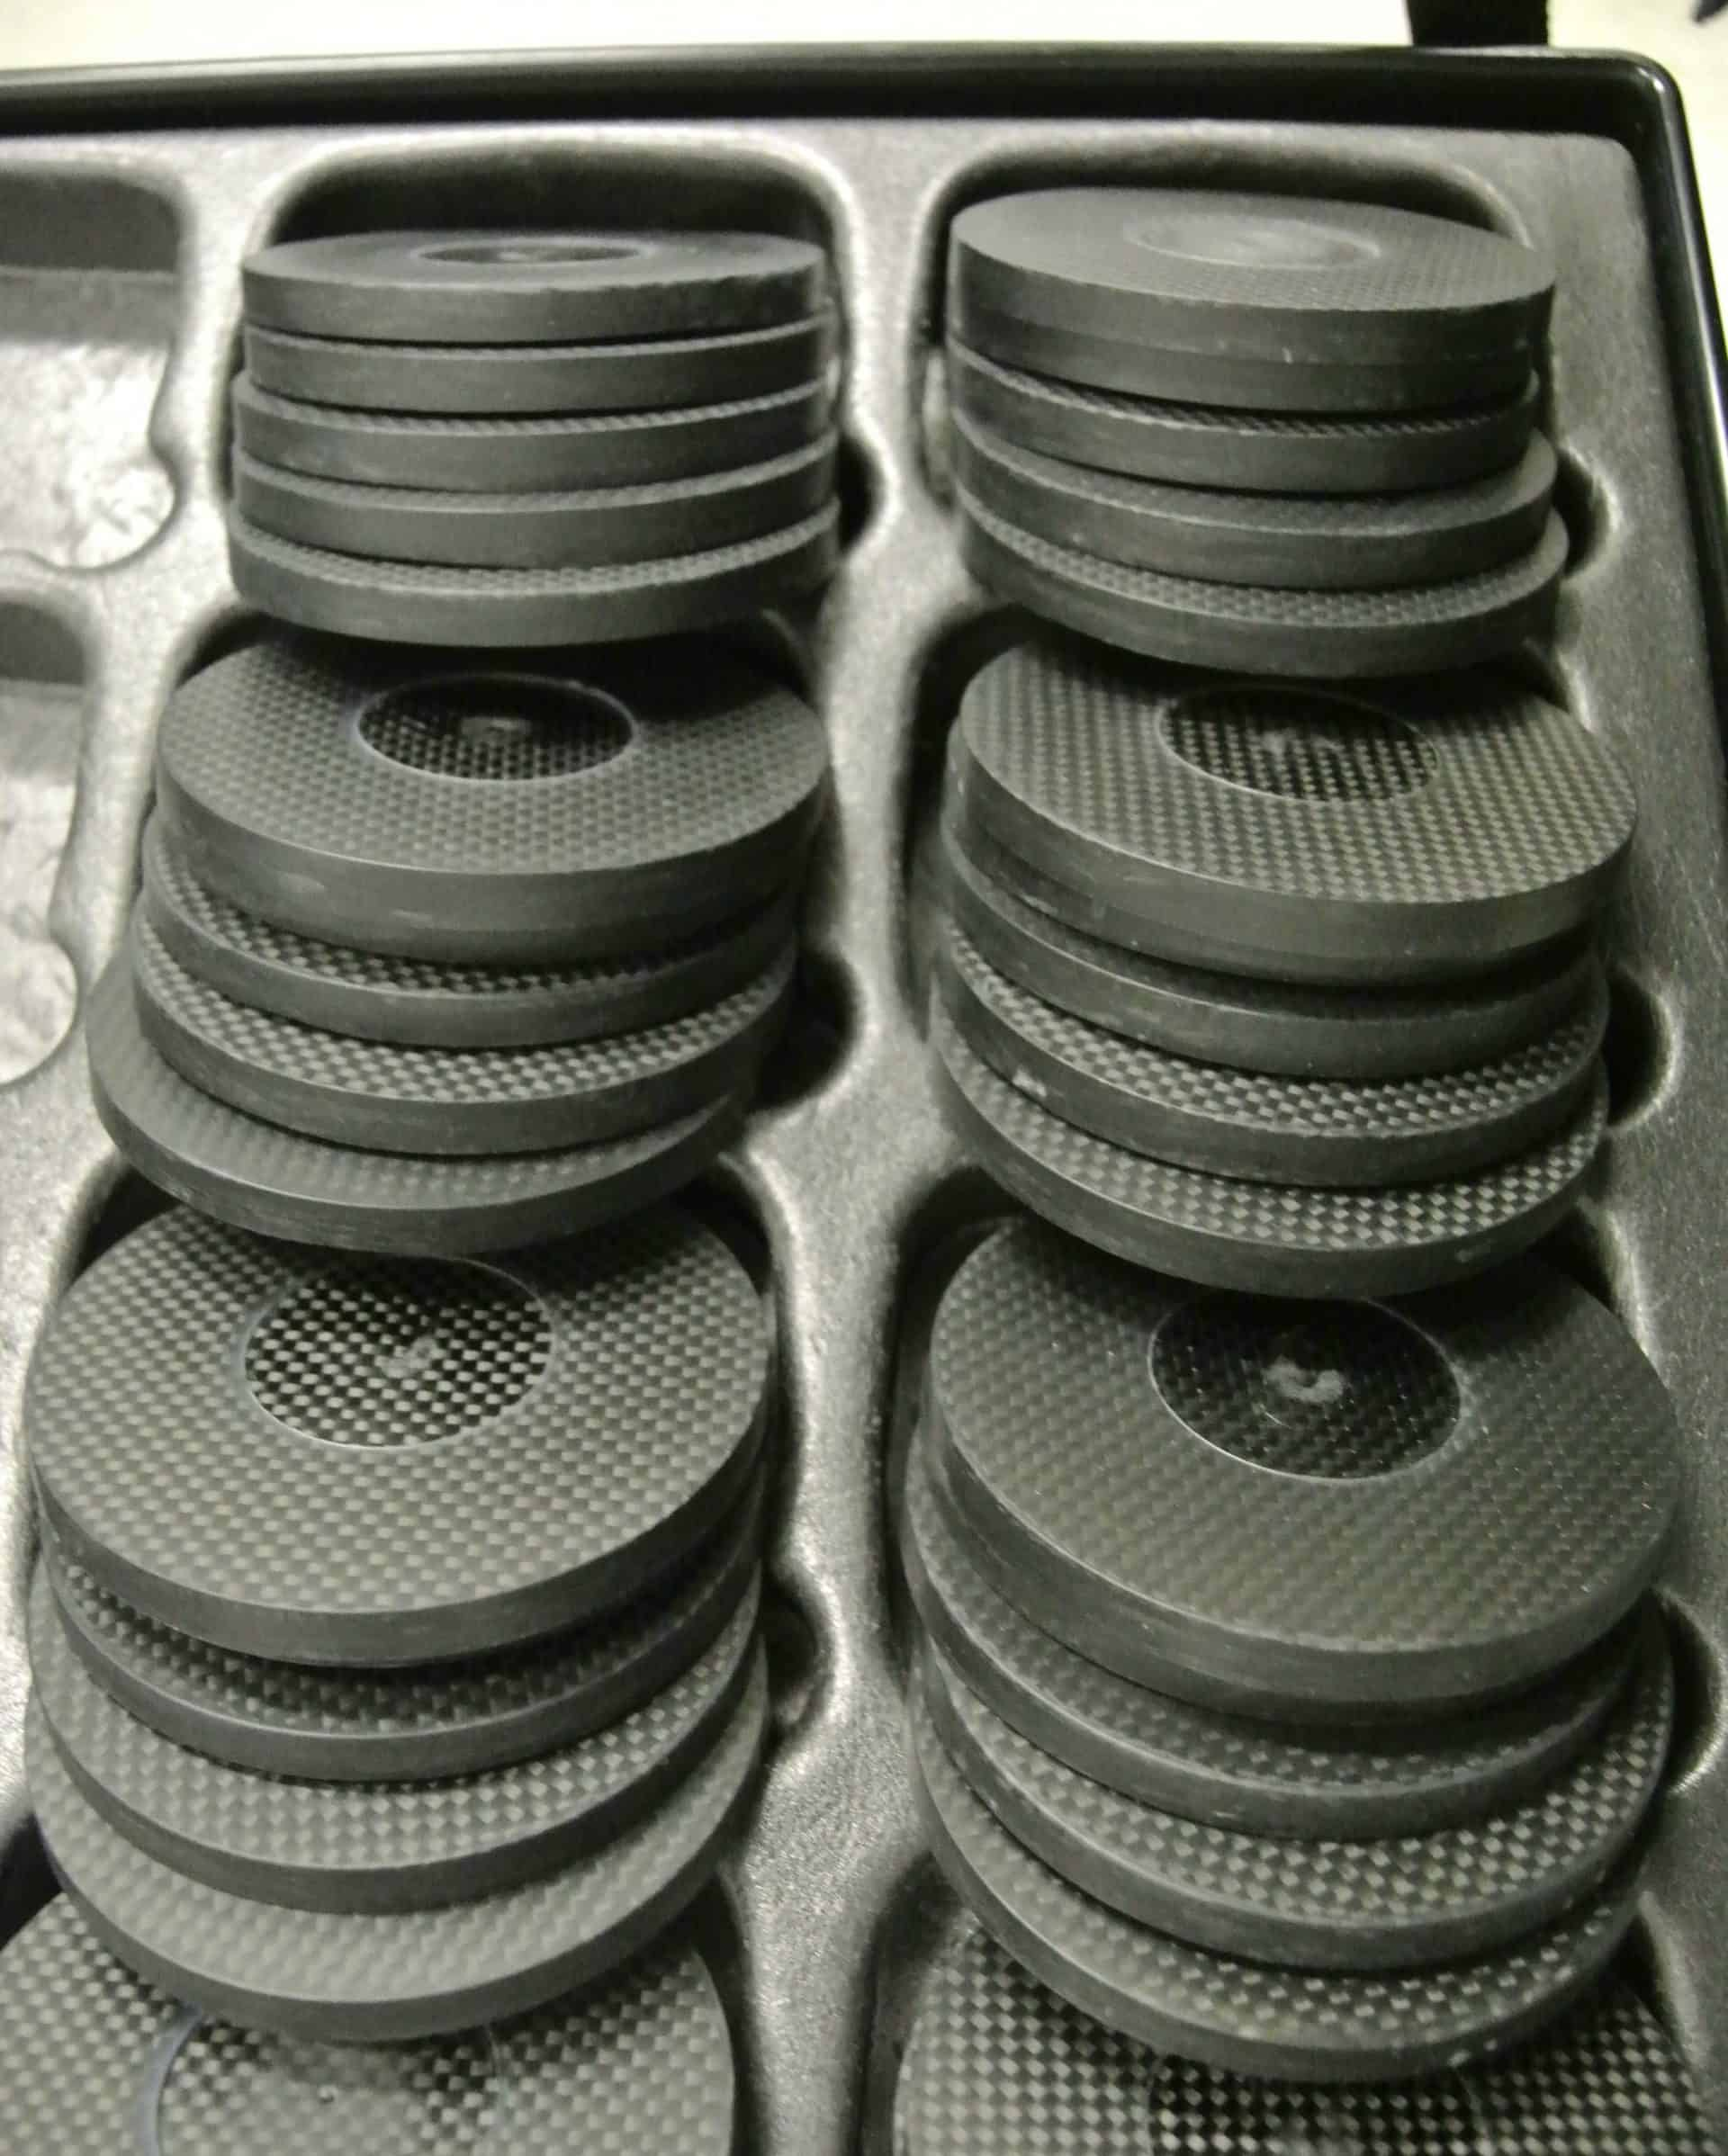 Hublot arbeitet mit geschnittenen und polierten Karbonrohlingen, diese werden zu Karbongehäusen weiterverarbeitet